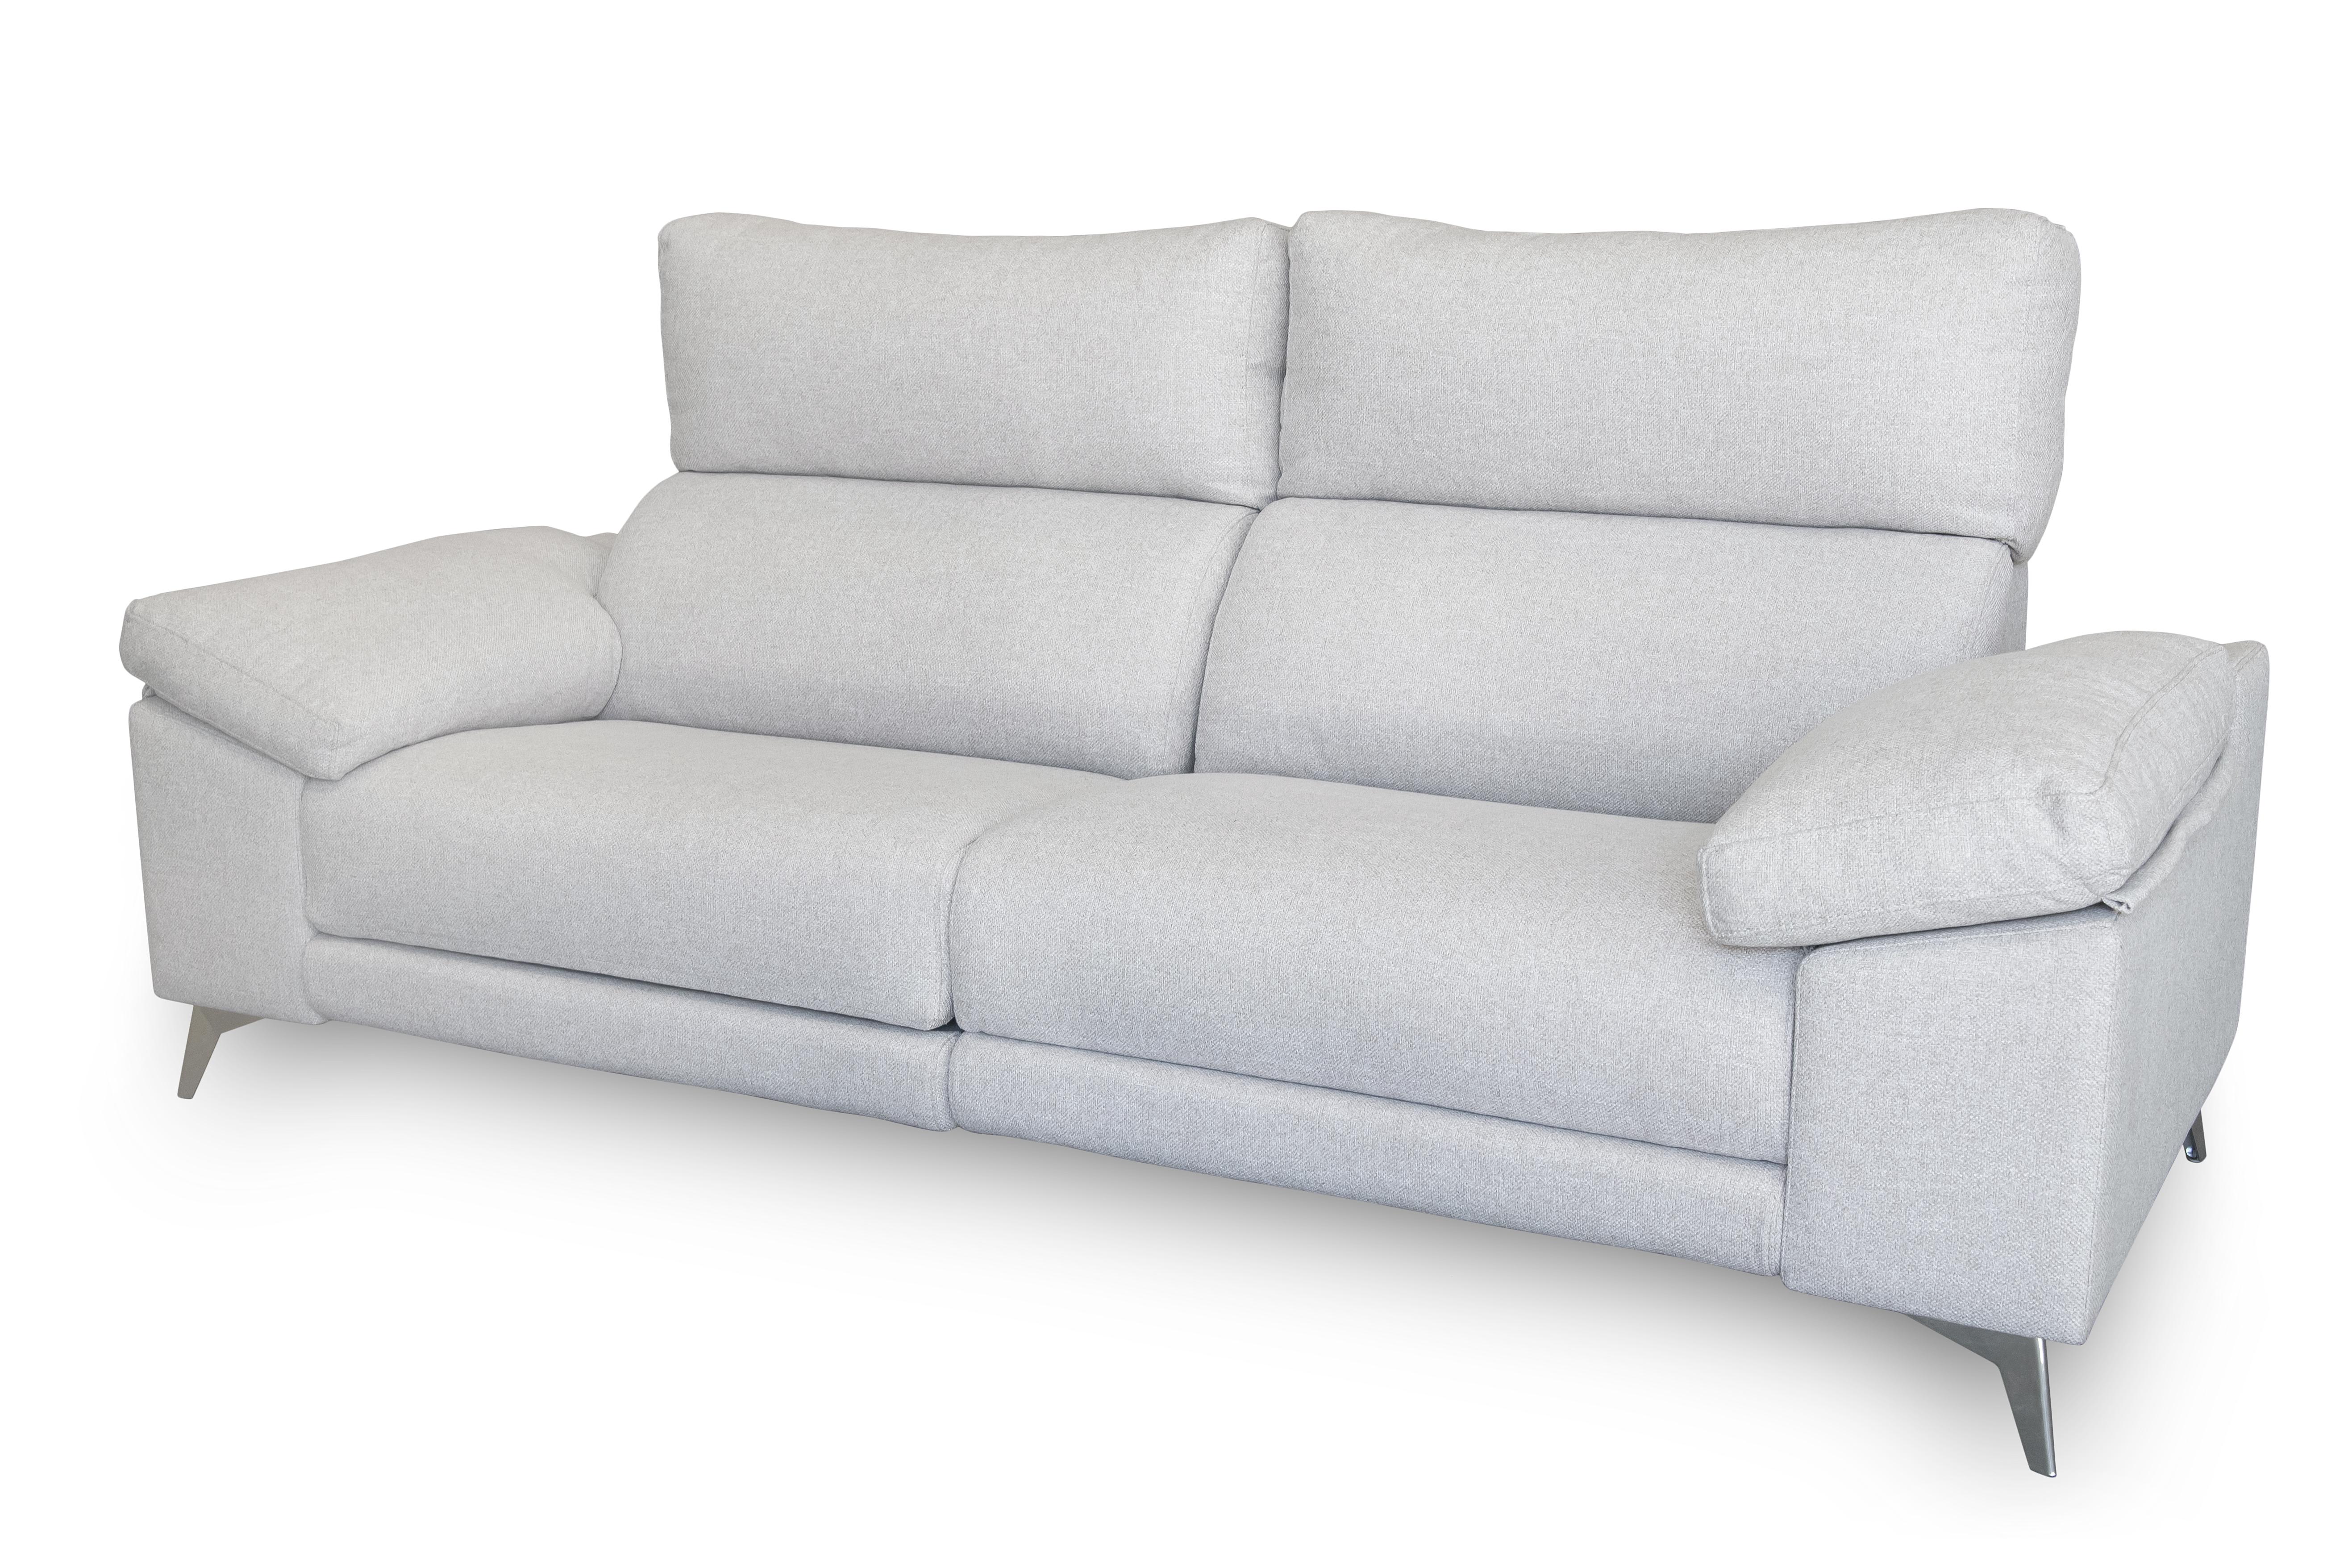 sofa-modelo-moon-800e